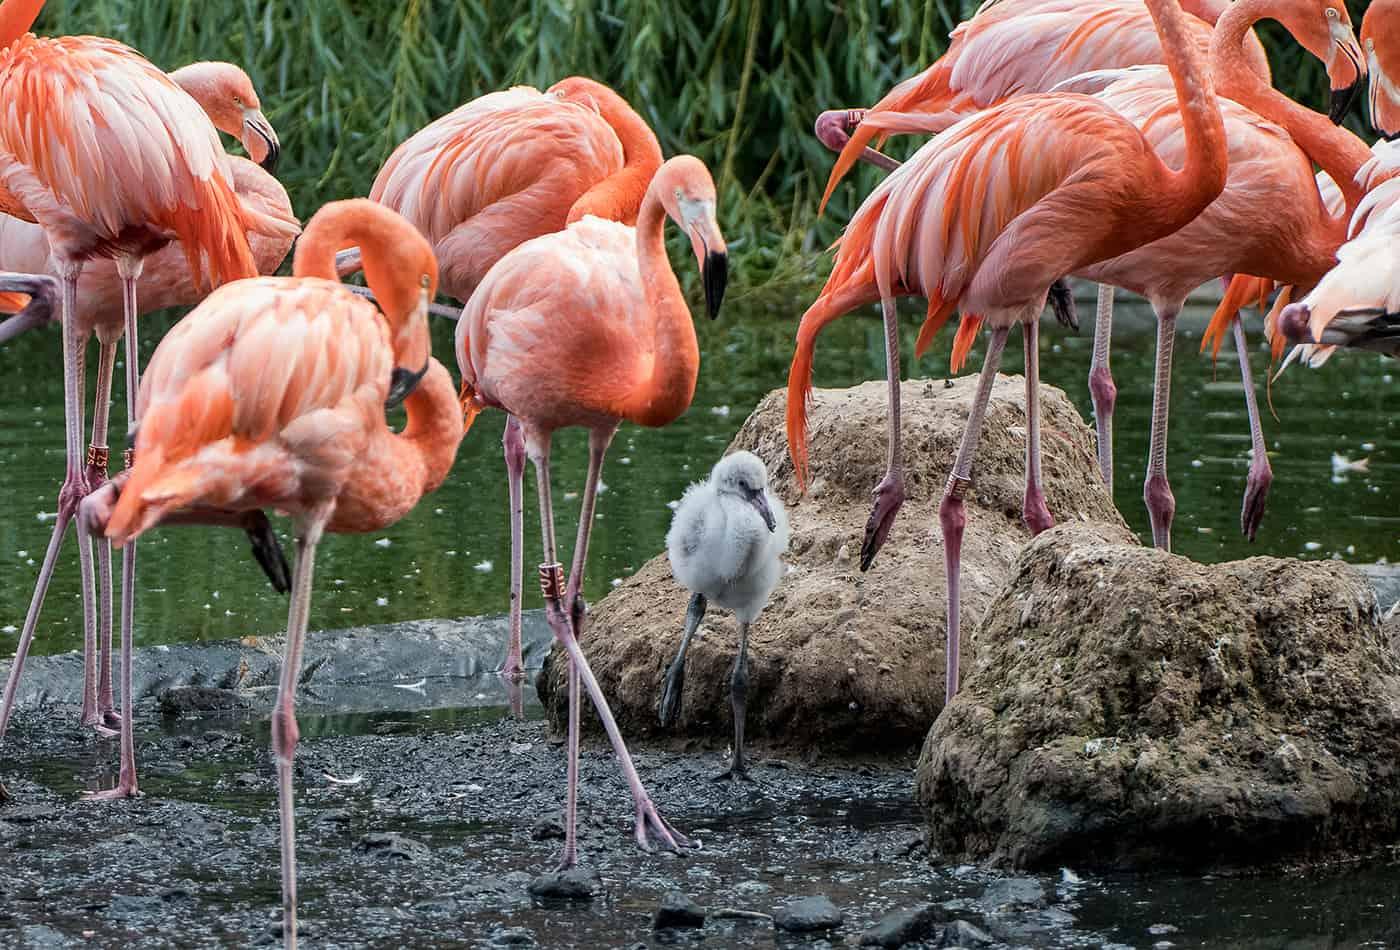 Flauschiger Nachwuchs: Das Flamingo-Küken übt bereits den typischen Ein-Bein-Stand (Foto: Susi Fischer/Zoo Heidelberg)